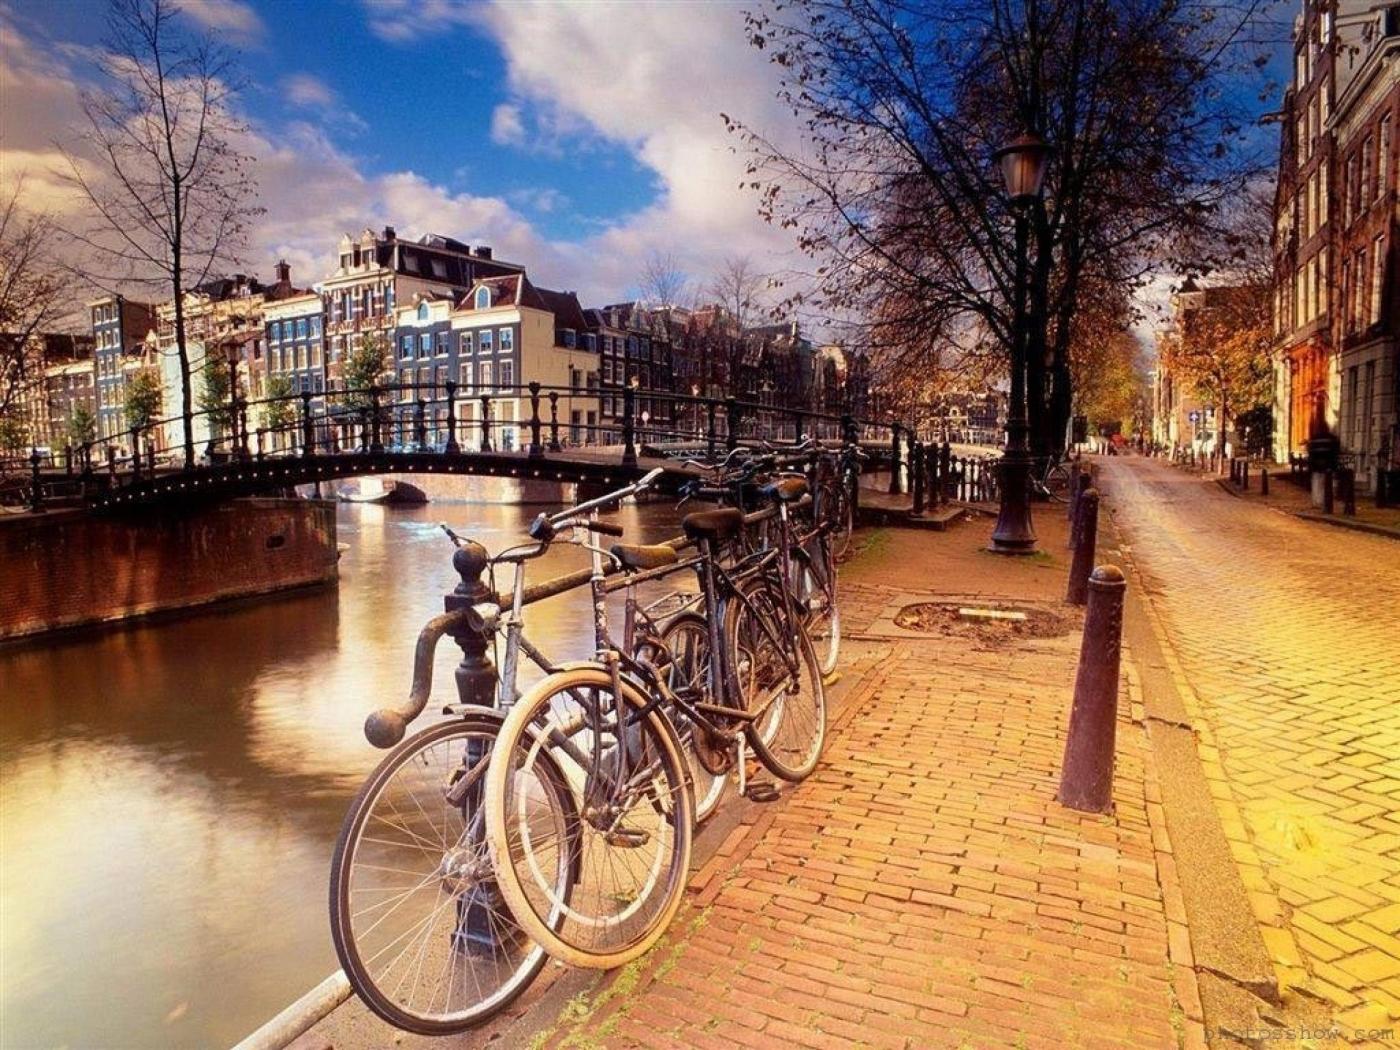 Скачать картинку Транспорт, Пейзаж, Города, Улицы, Велосипеды в телефон бесплатно.